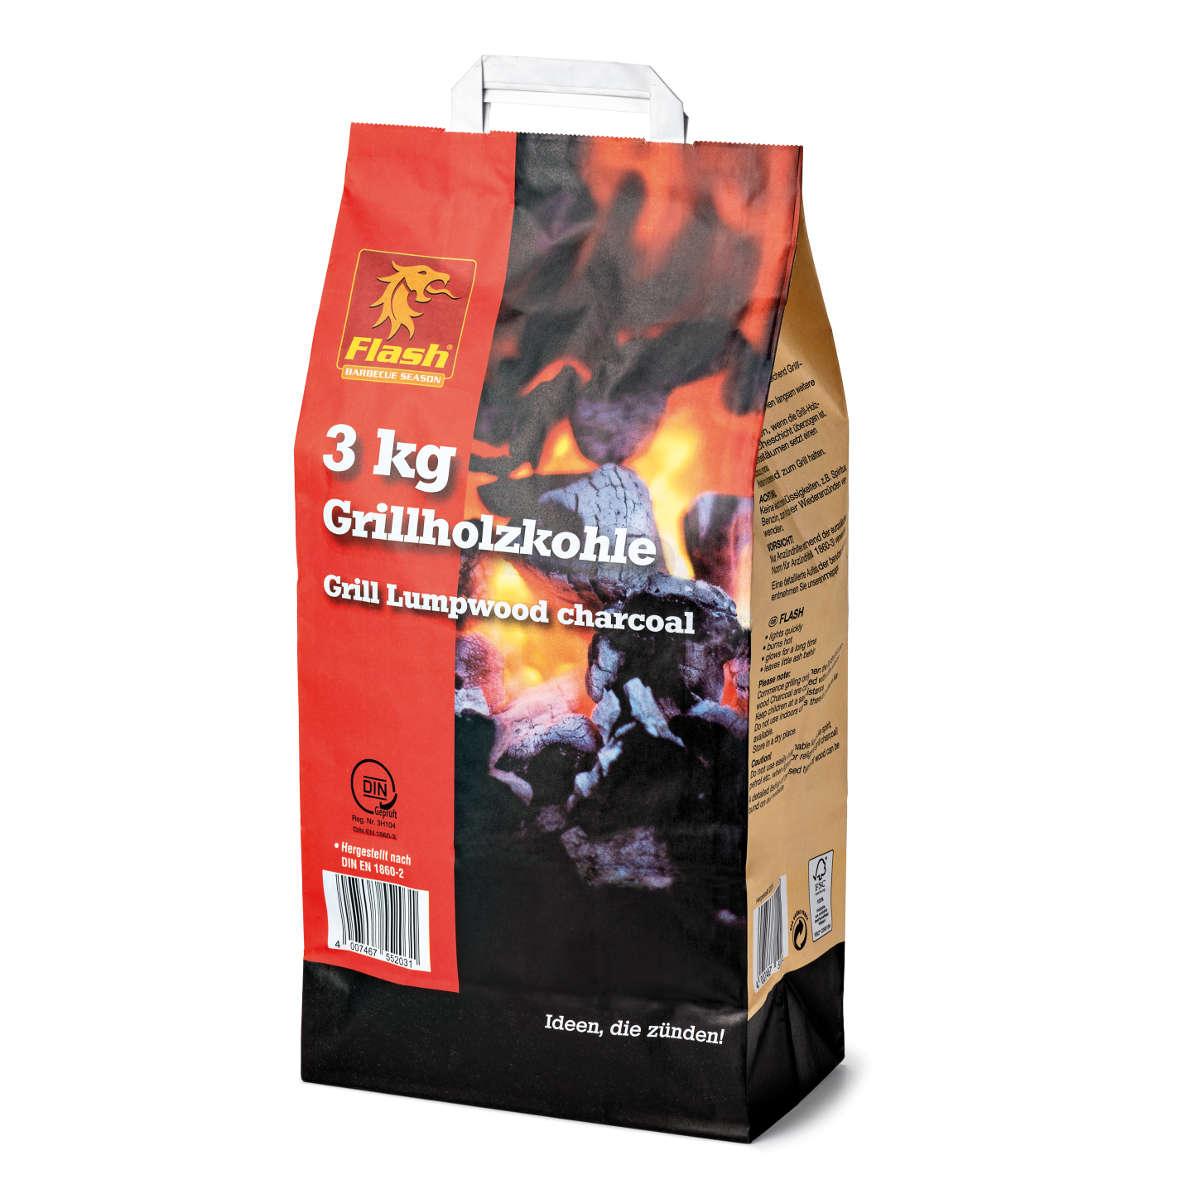 FLASH Grillholzkohle 3 kg FSC